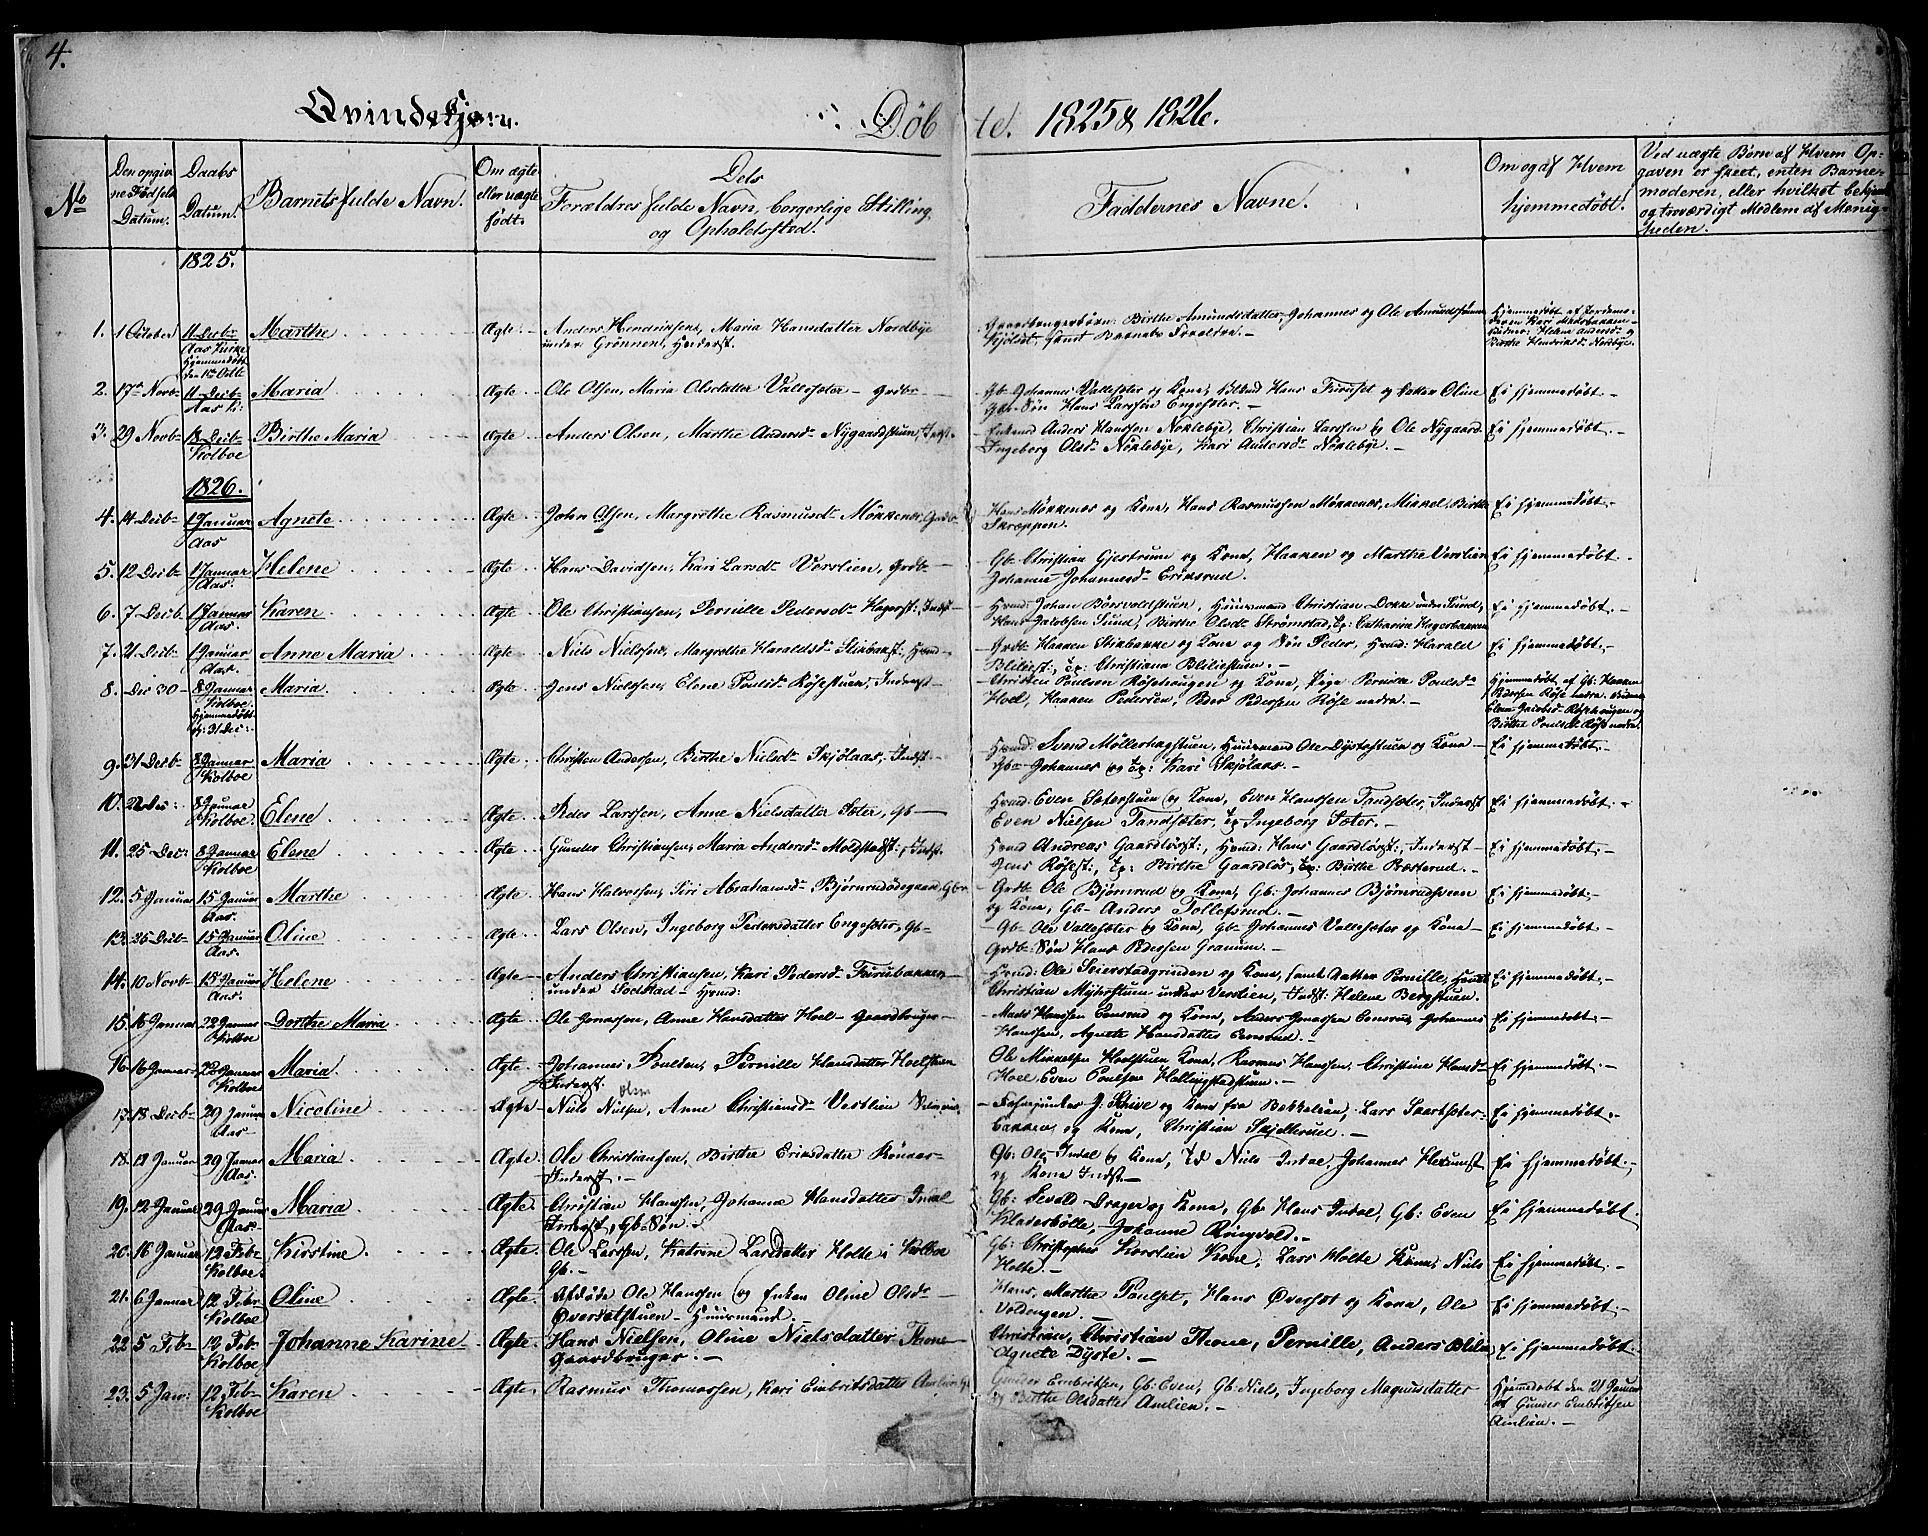 SAH, Vestre Toten prestekontor, Ministerialbok nr. 2, 1825-1837, s. 4